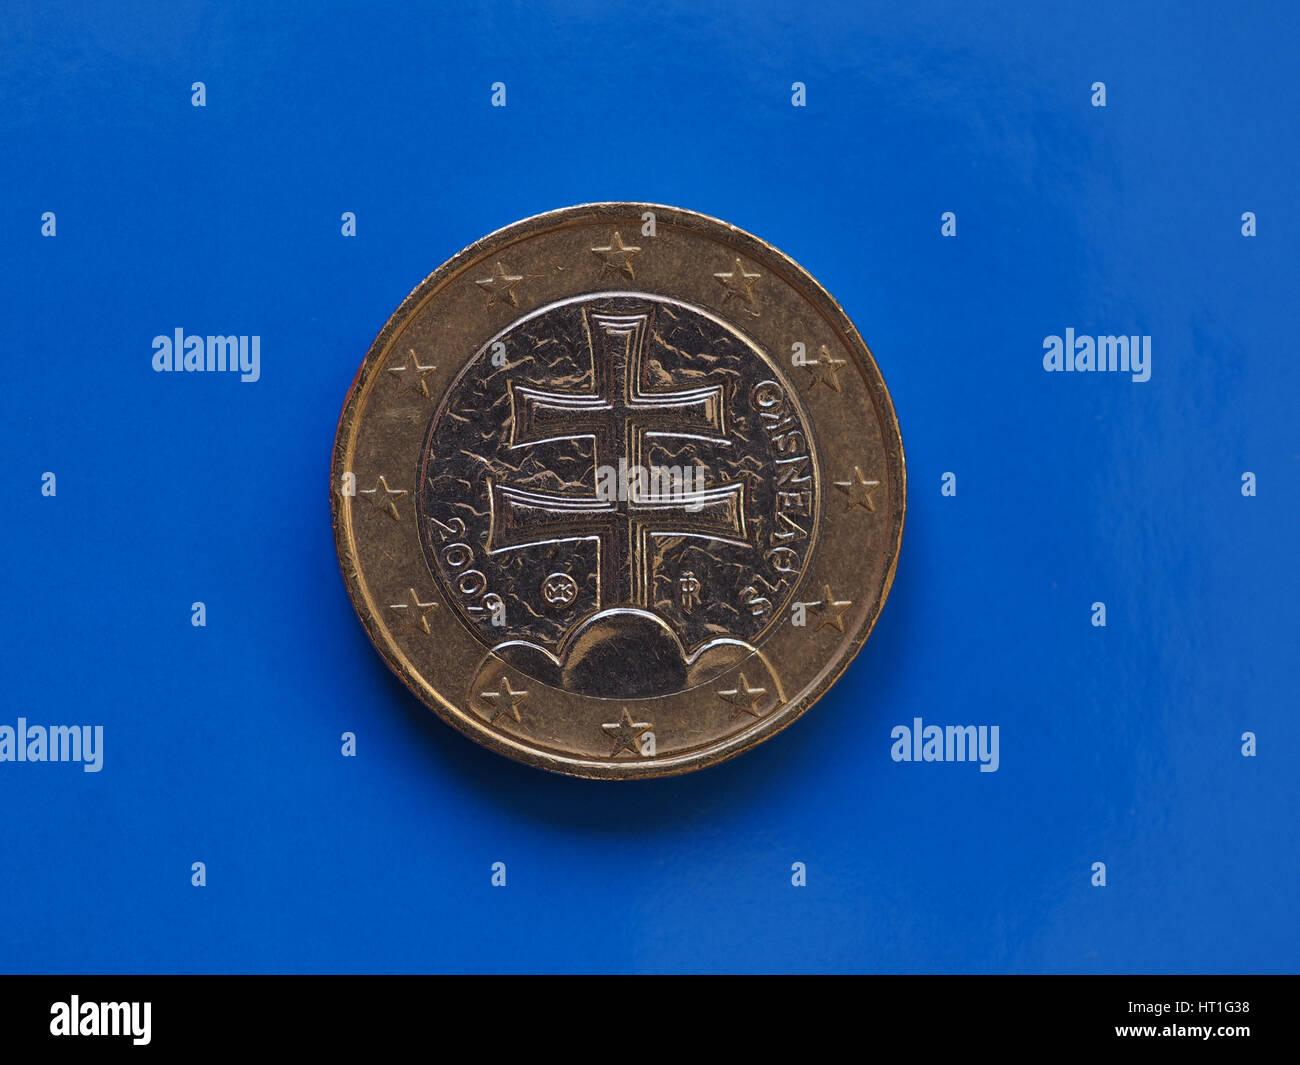 1 Euro Münze Geld Eur Währung Der Europäischen Union Slowakei Auf